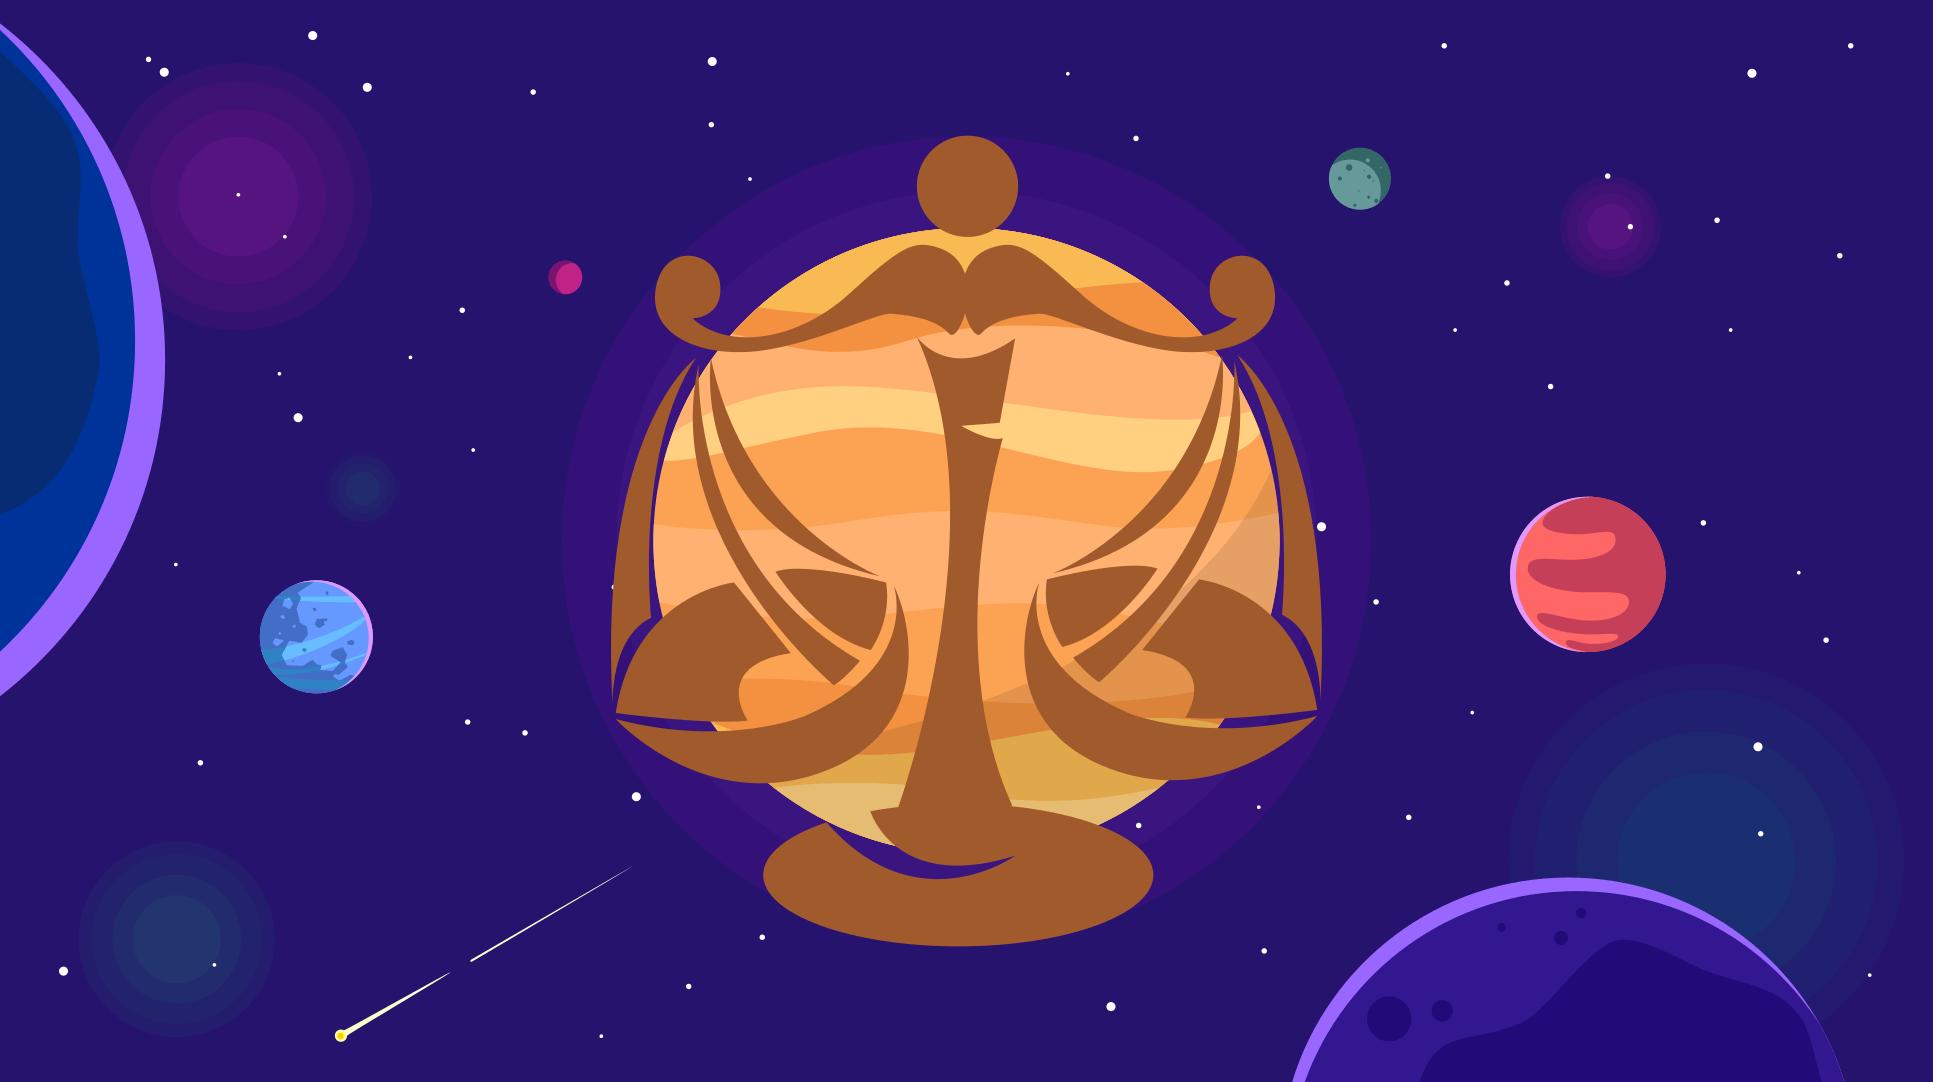 Jupiter in zodia Balanta